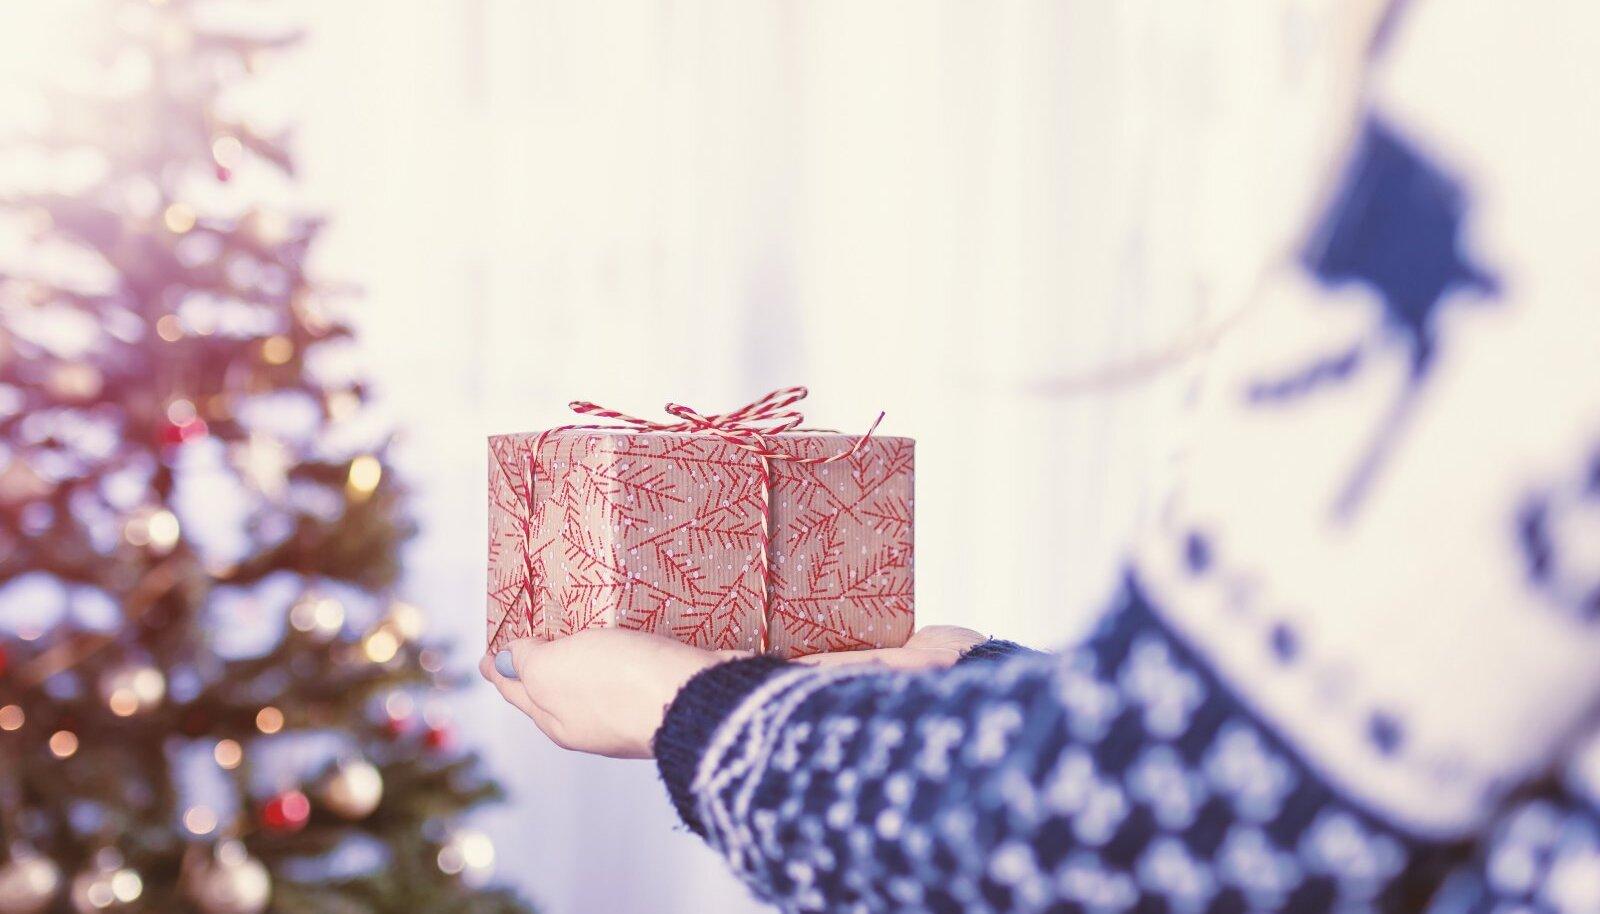 Anname nõu! Milliste jõulukingitustega sel aastal lähedasi üllatada?